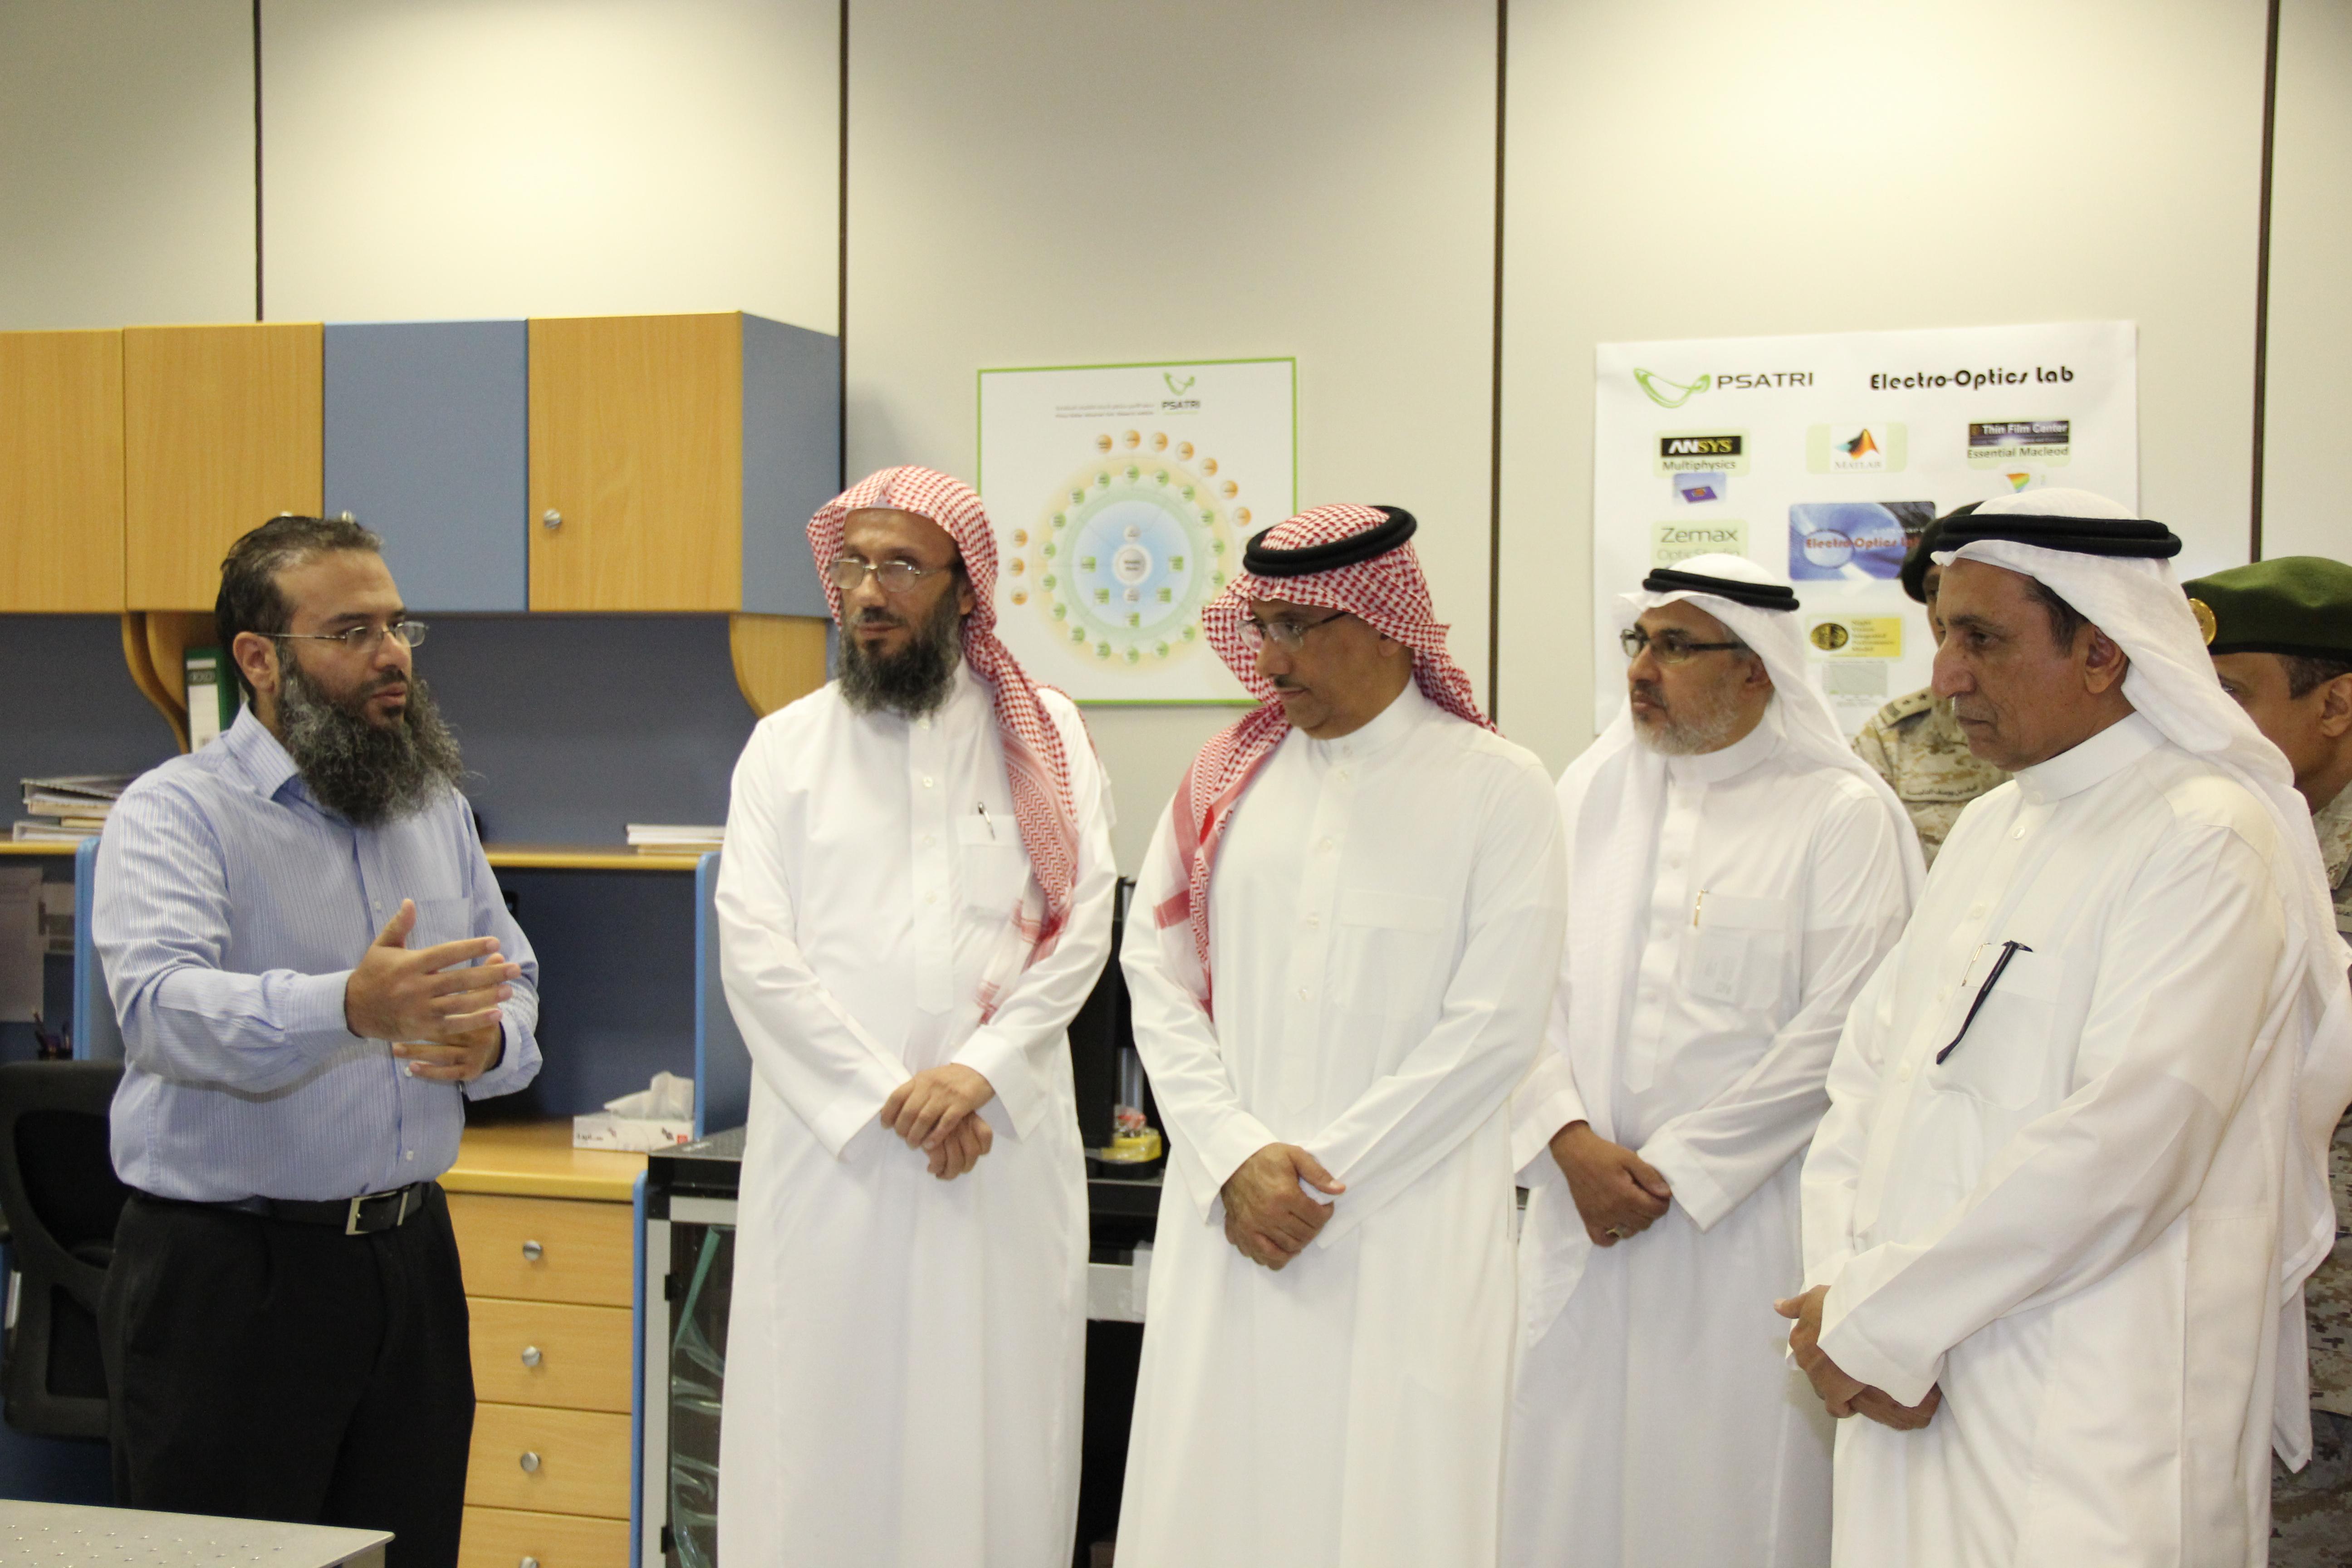 معهد الأمير سلطان لأبحاث التقنيات المتقدمة (PSATRI) يستقبل معالي رئيس المؤسسة العامة للصناعات العسكرية